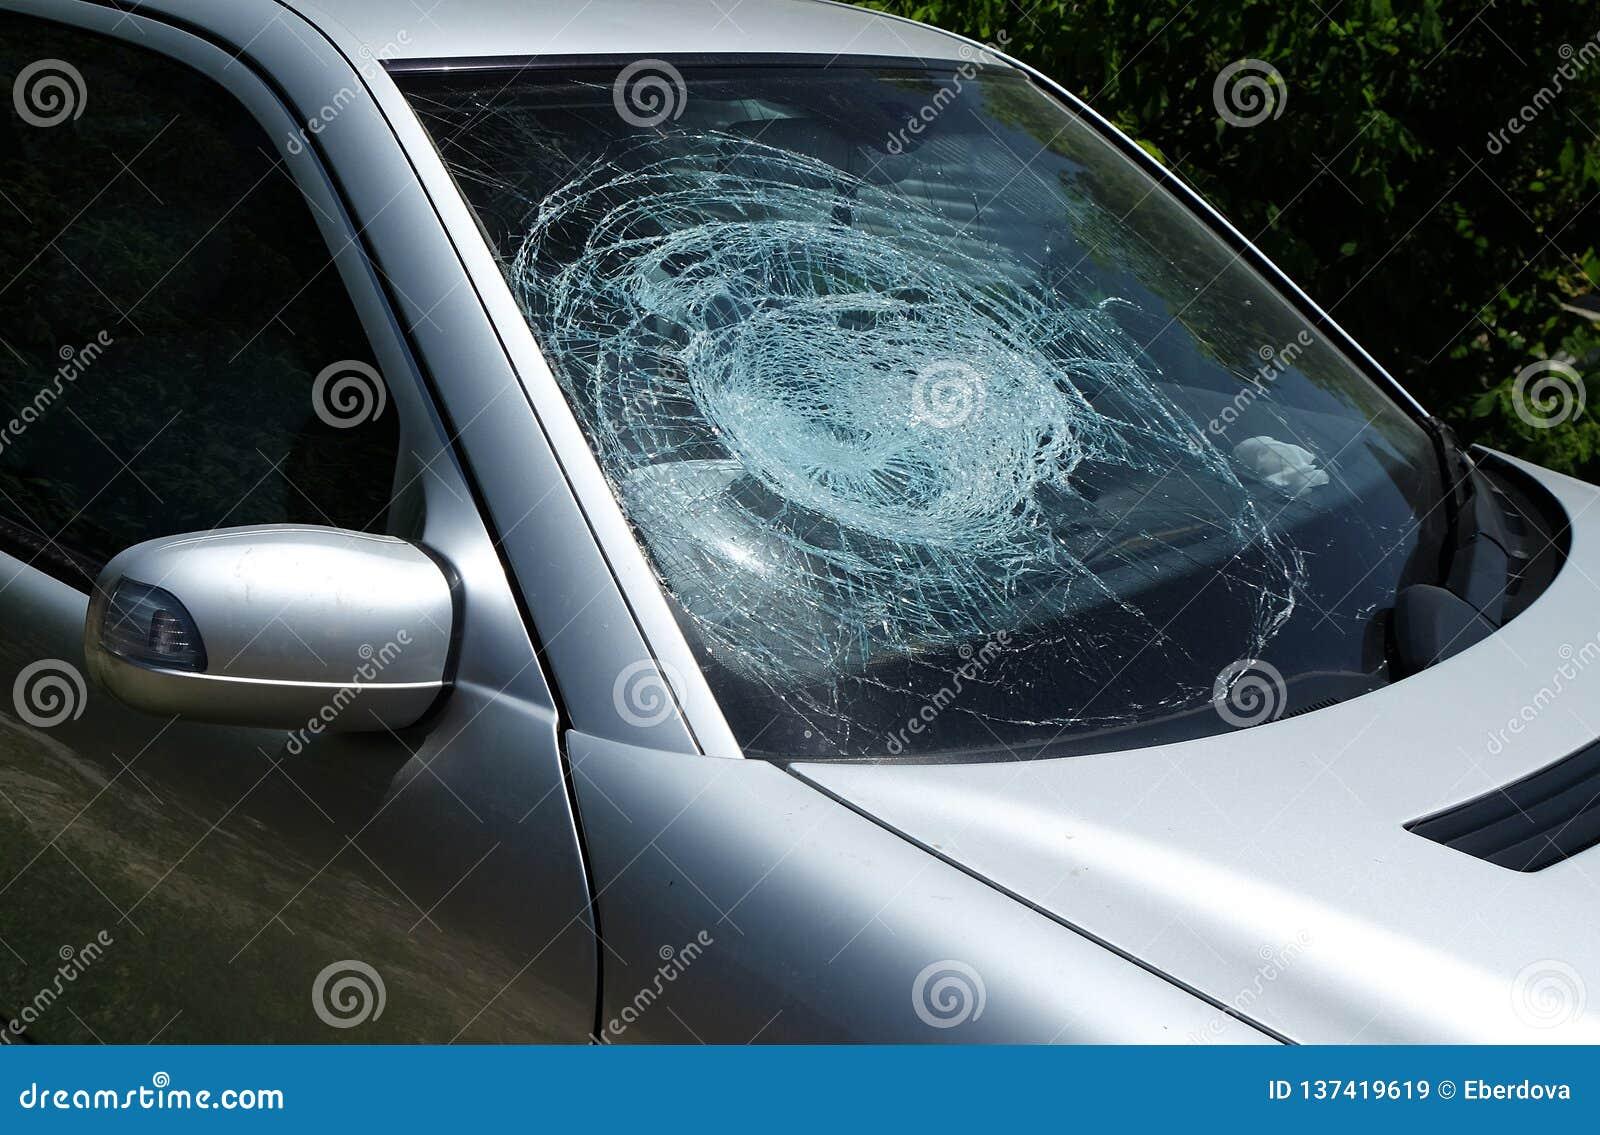 Ventana de vidrio dañada quebrada del parabrisas del coche